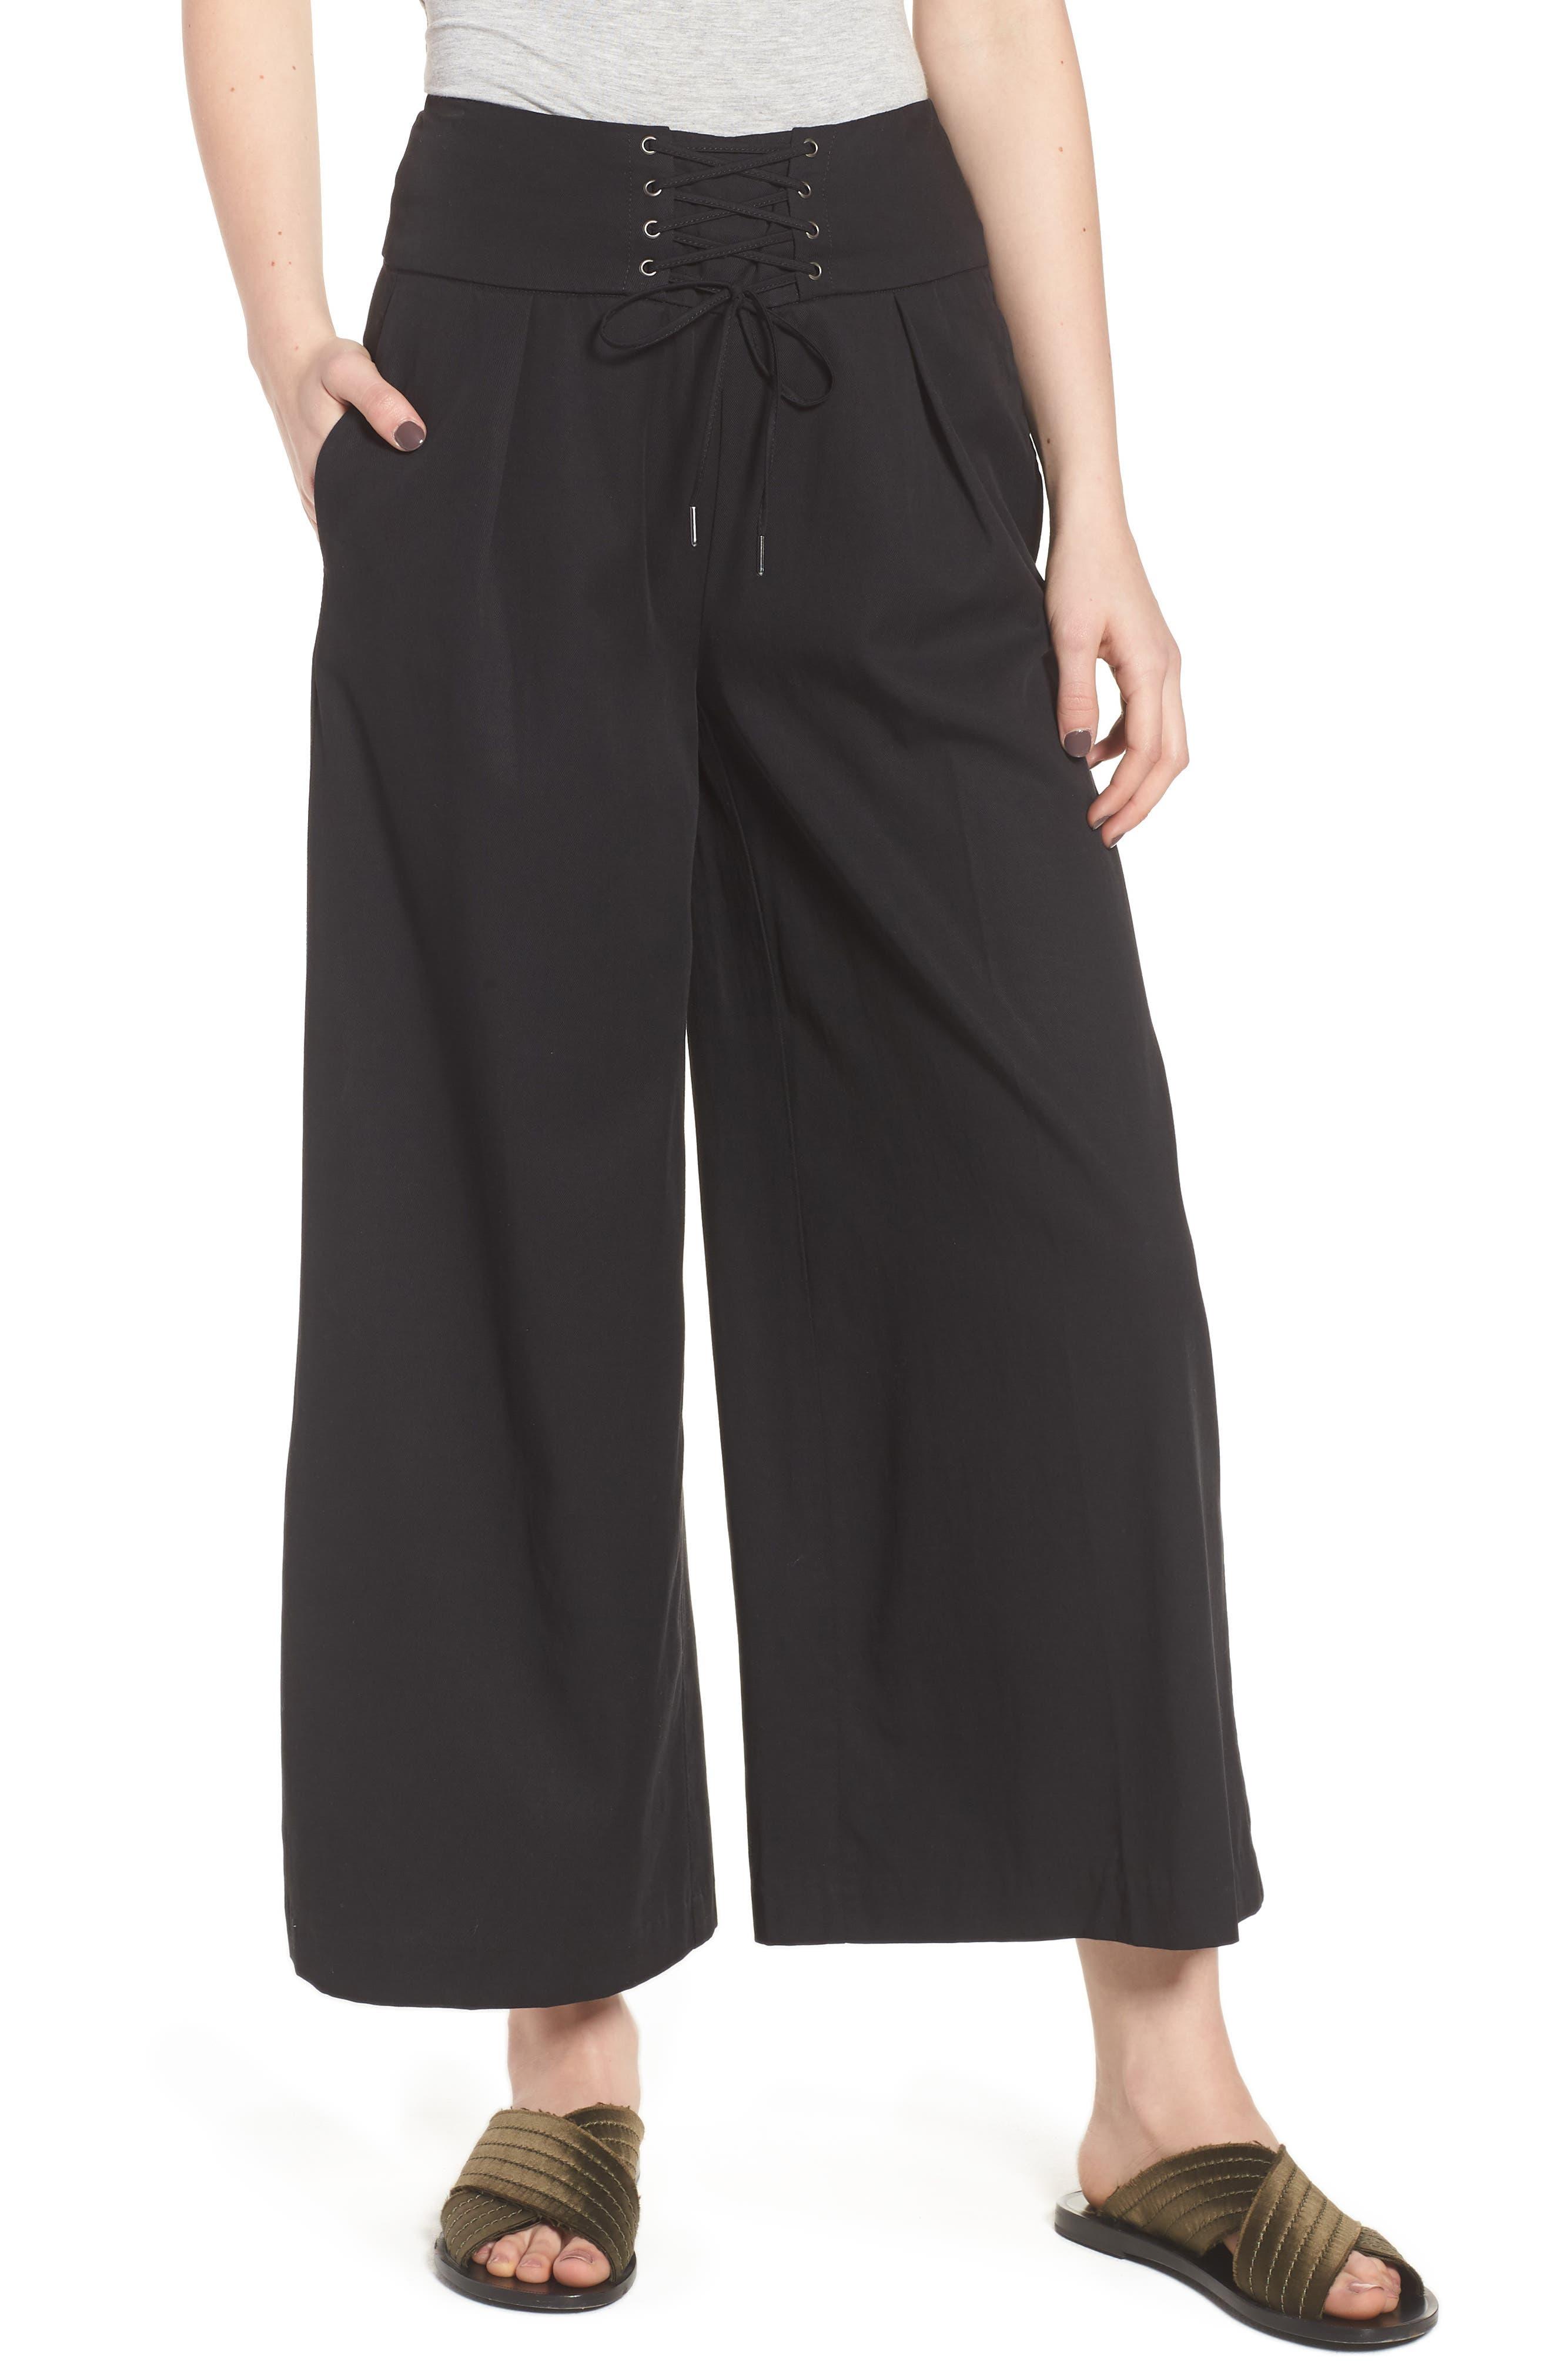 Charisma Lace-Up Wide Leg Pants,                         Main,                         color, Black